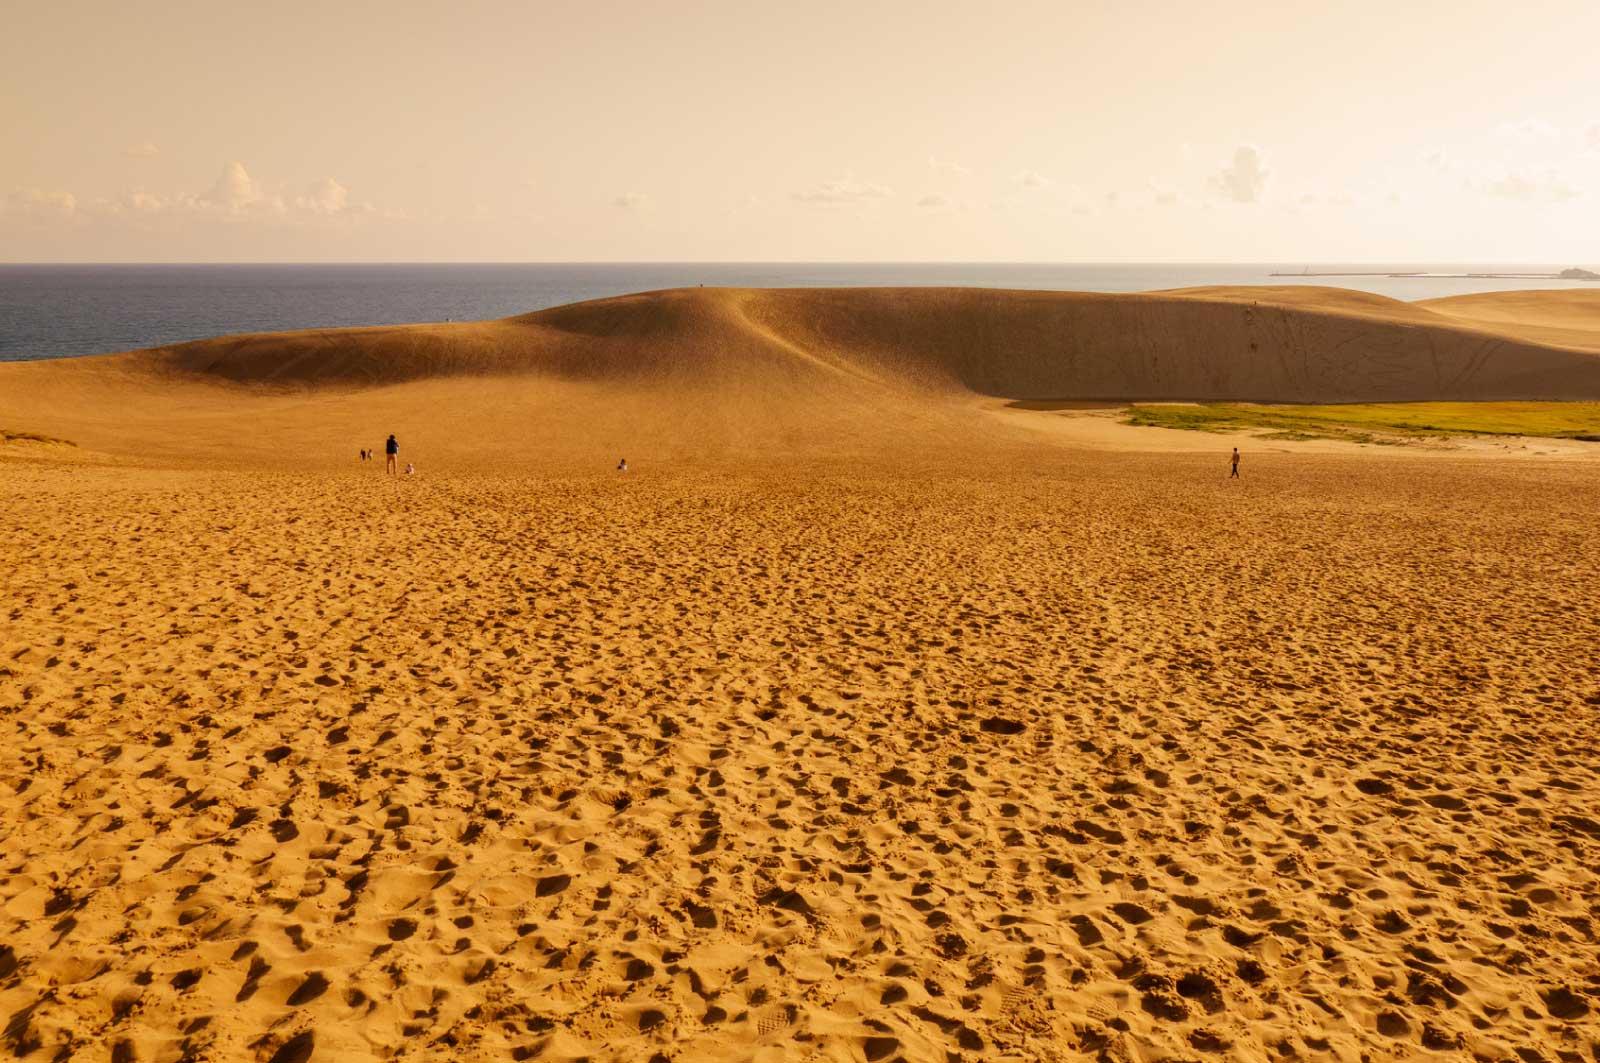 夕刻の鳥取砂丘